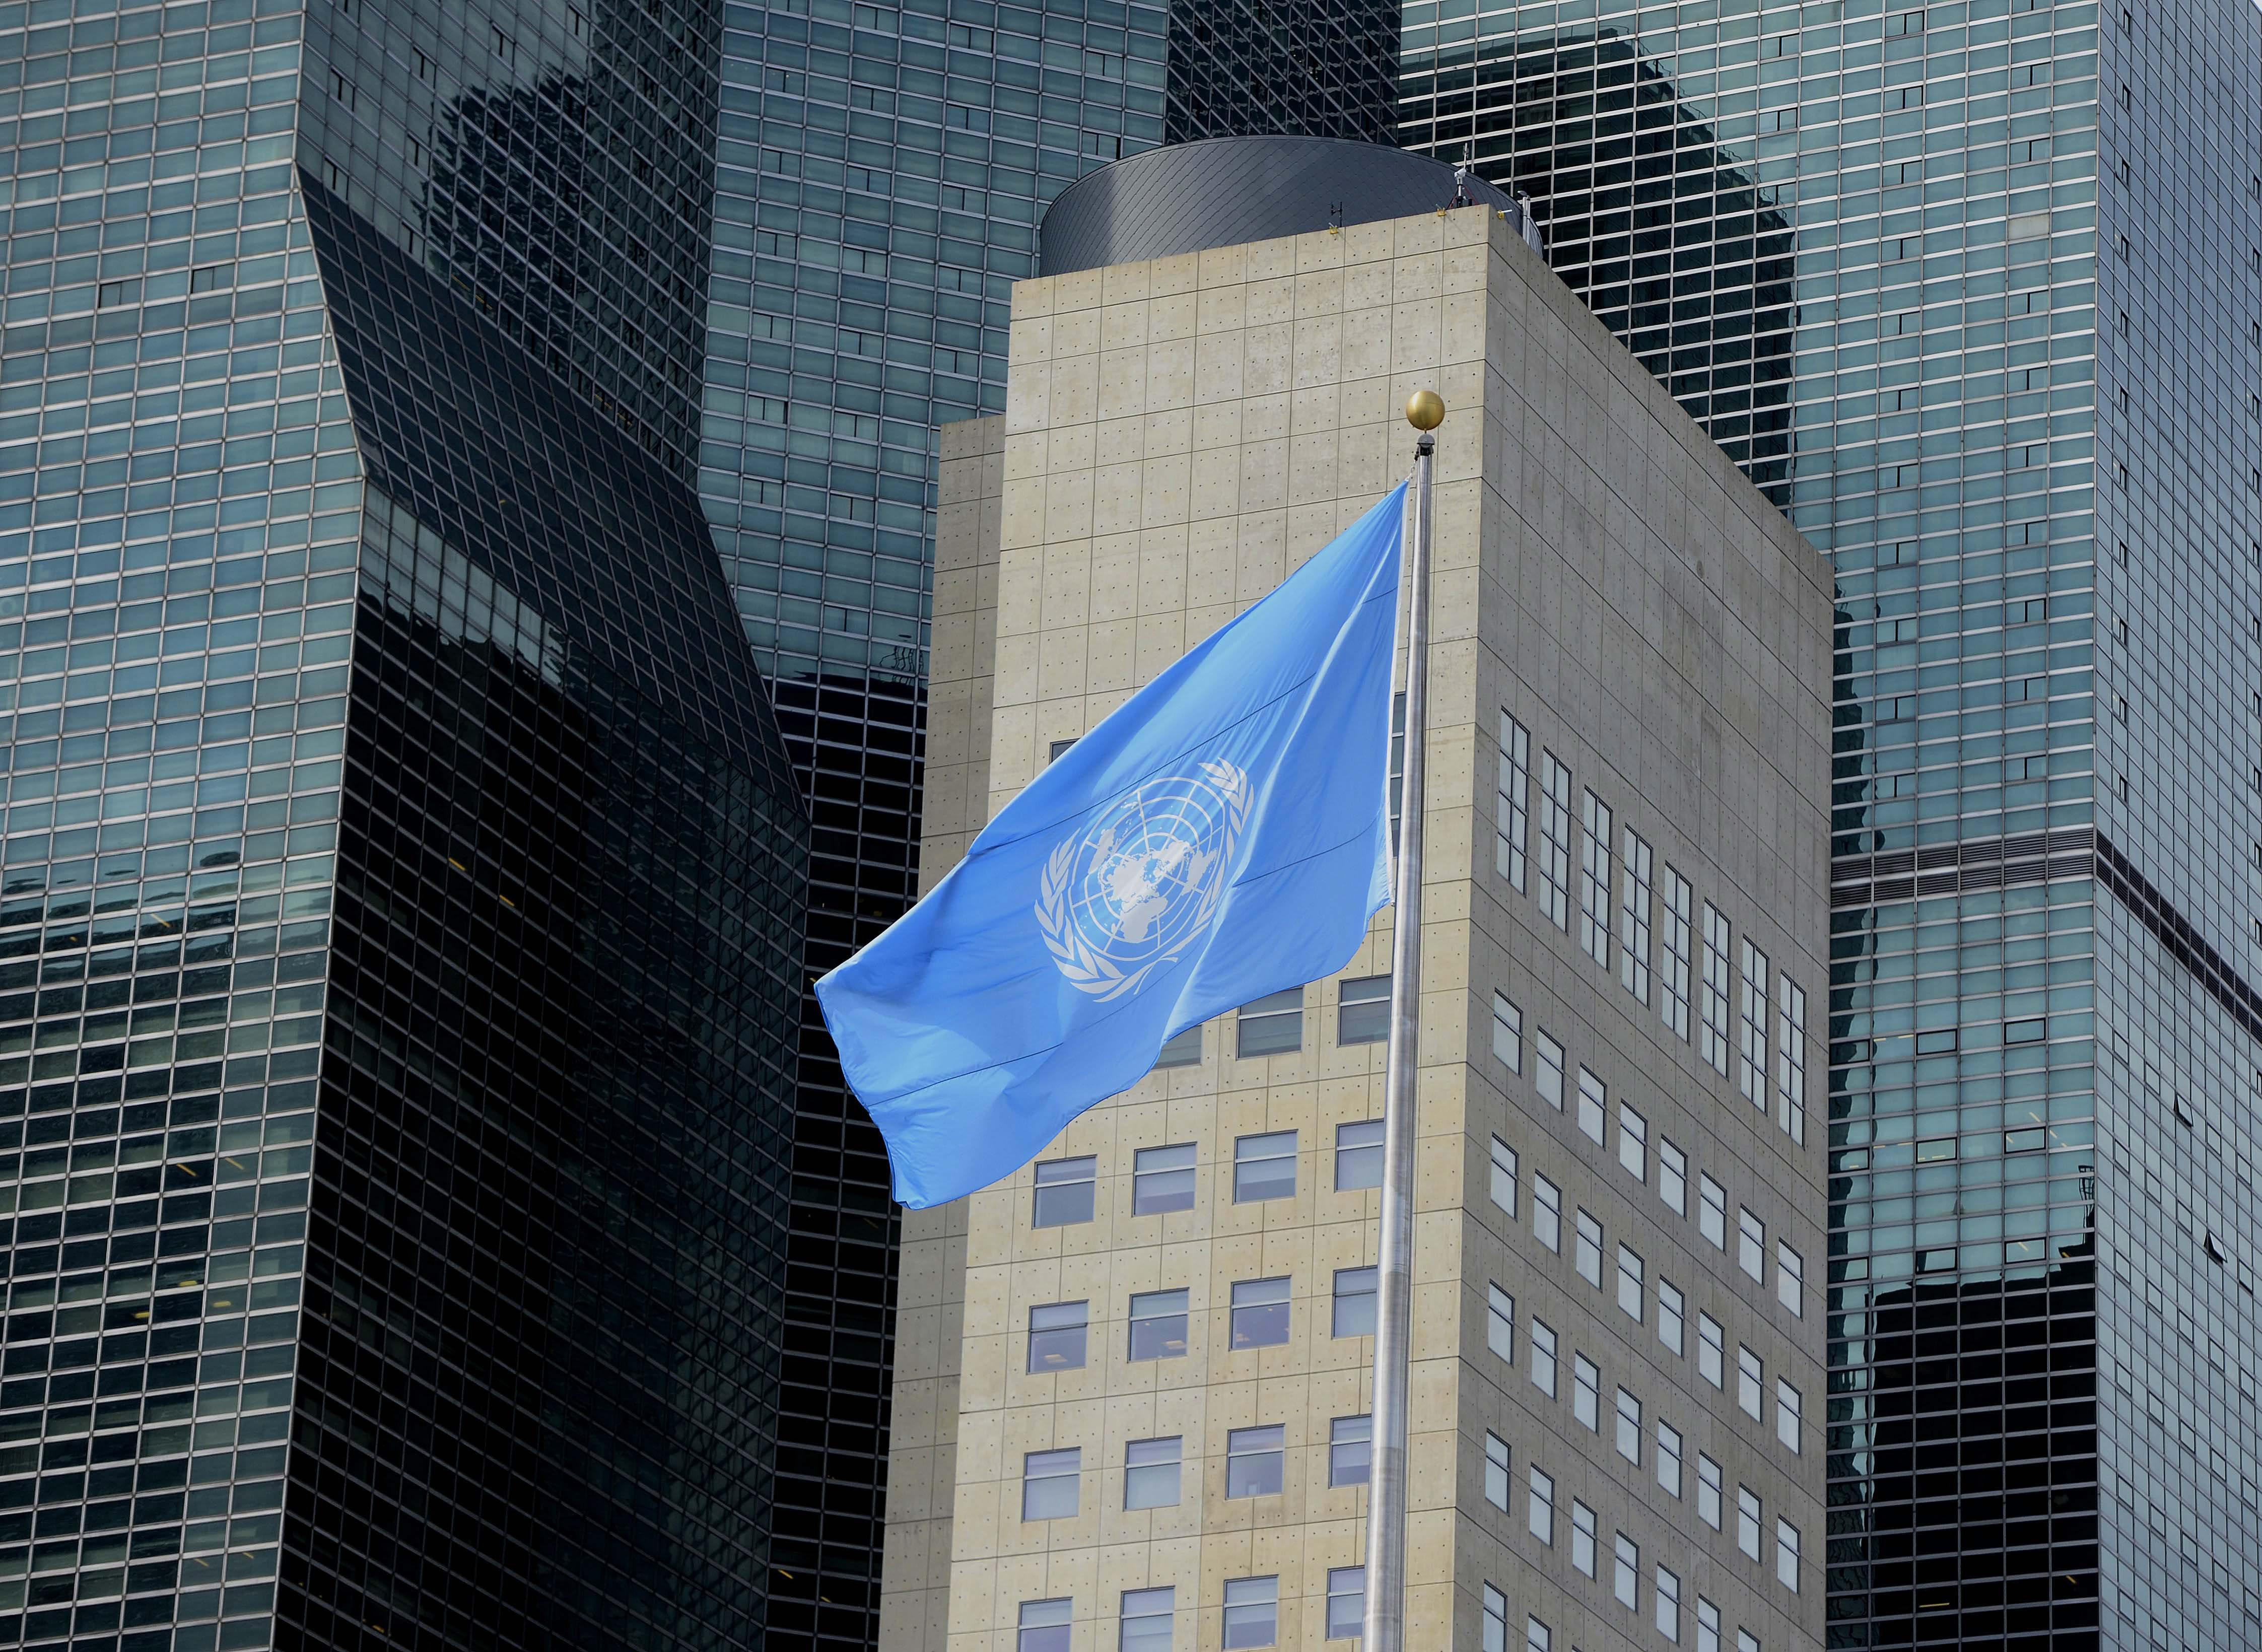 Az ENSZ-nek le kell állítania elfogult viselkedését Izraellel szemben